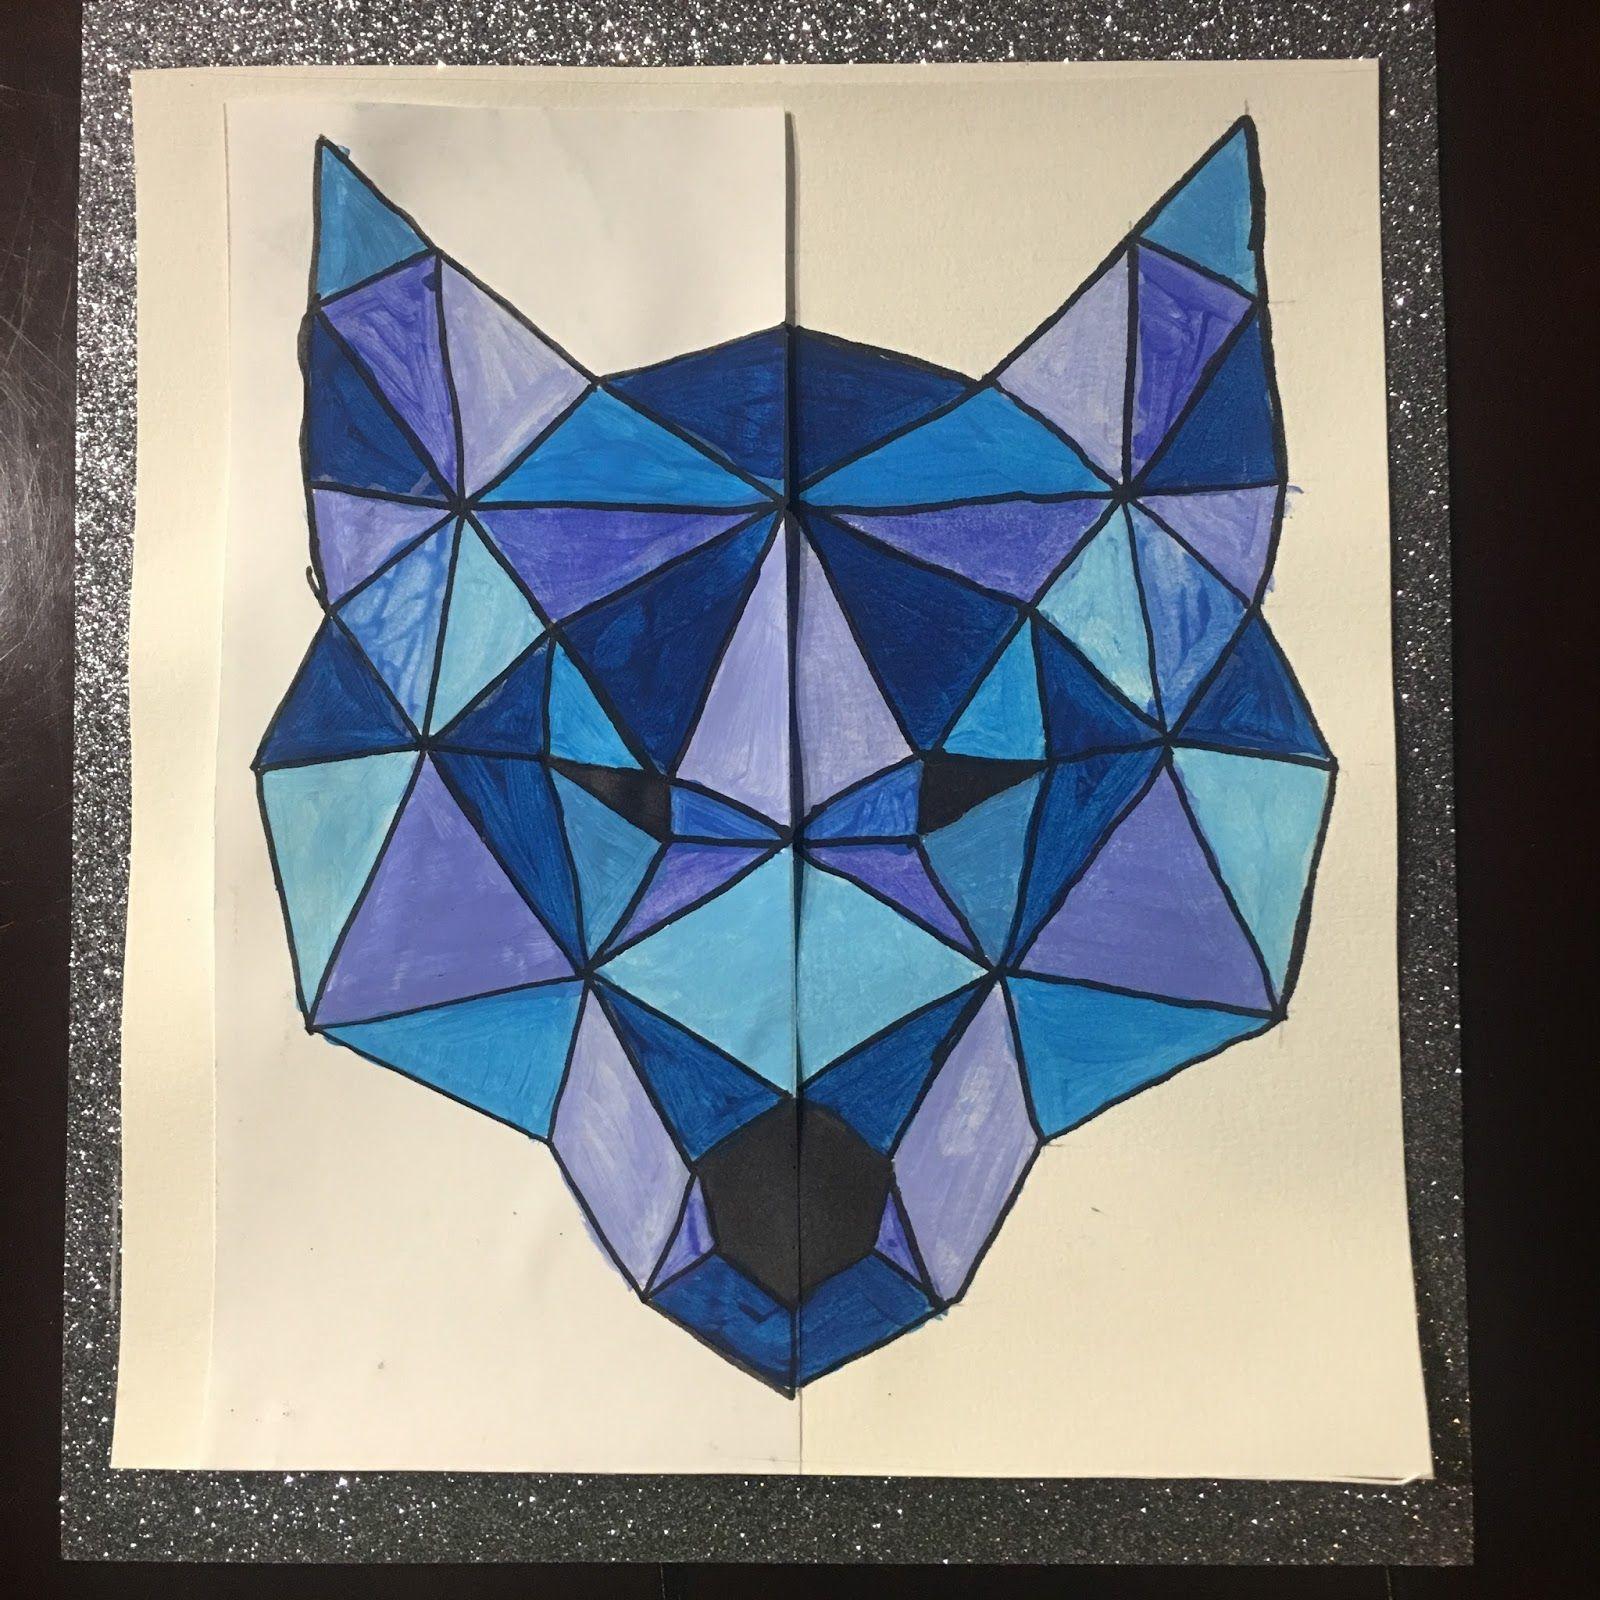 Instruction En Folie: Arts Visuels : Loup Et Symétrie tout Arts Visuels Symétrie